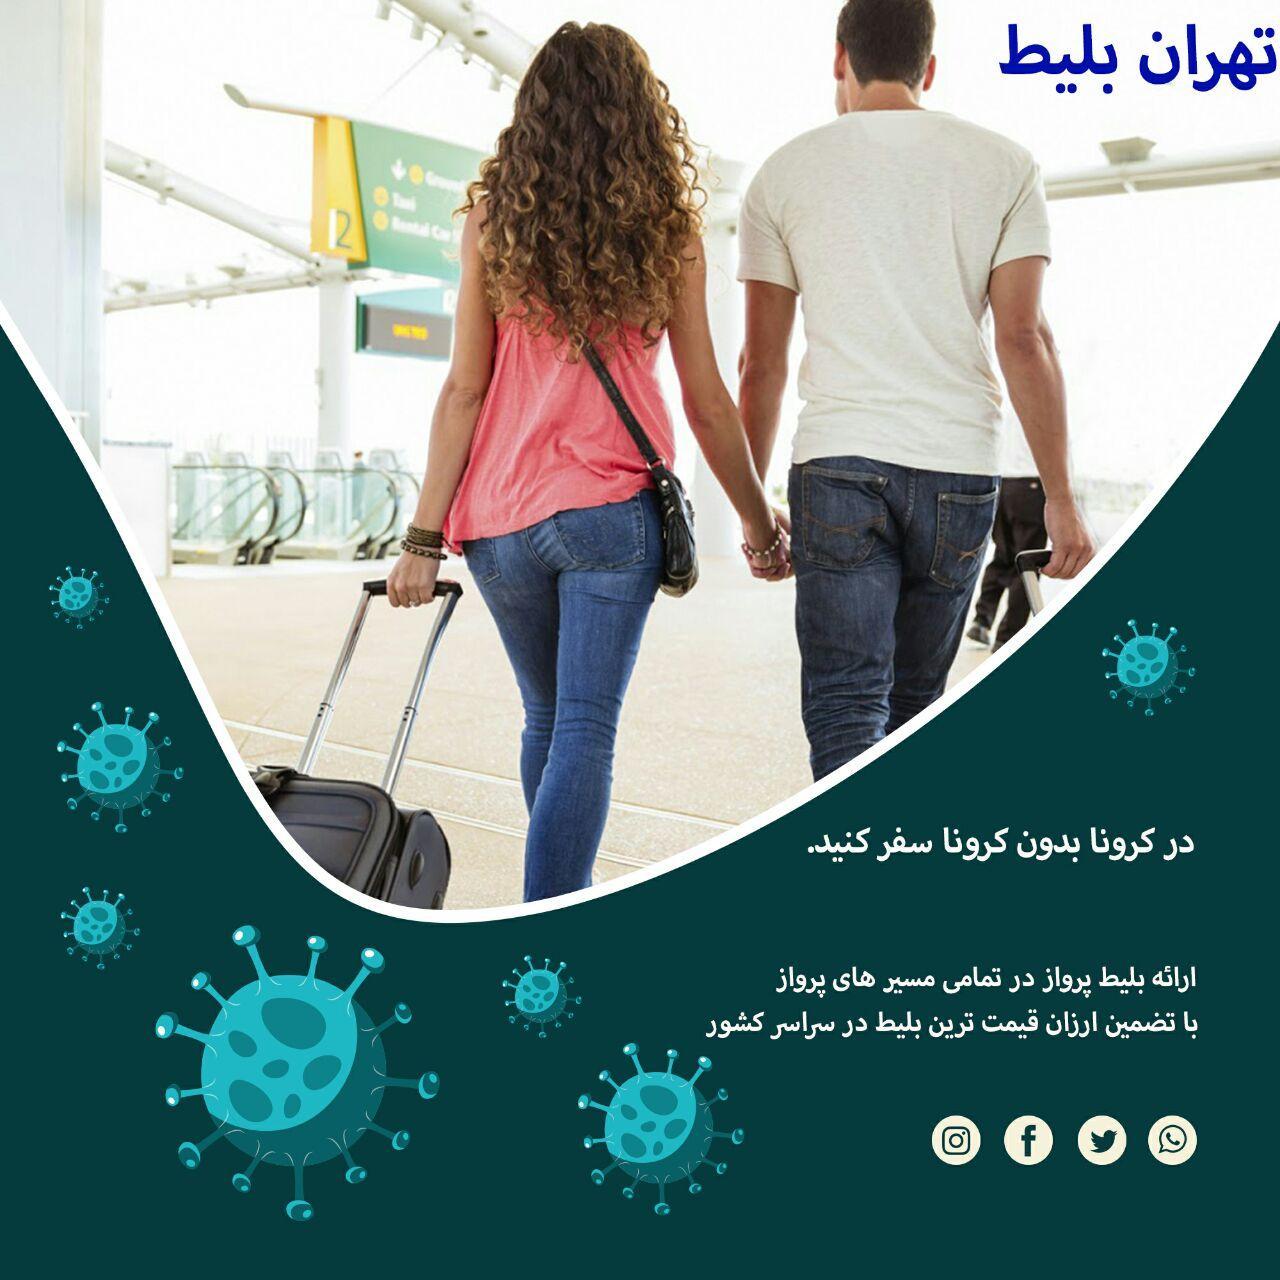 بهترین زمان خرید بلیط هواپیما آبادان به تهران